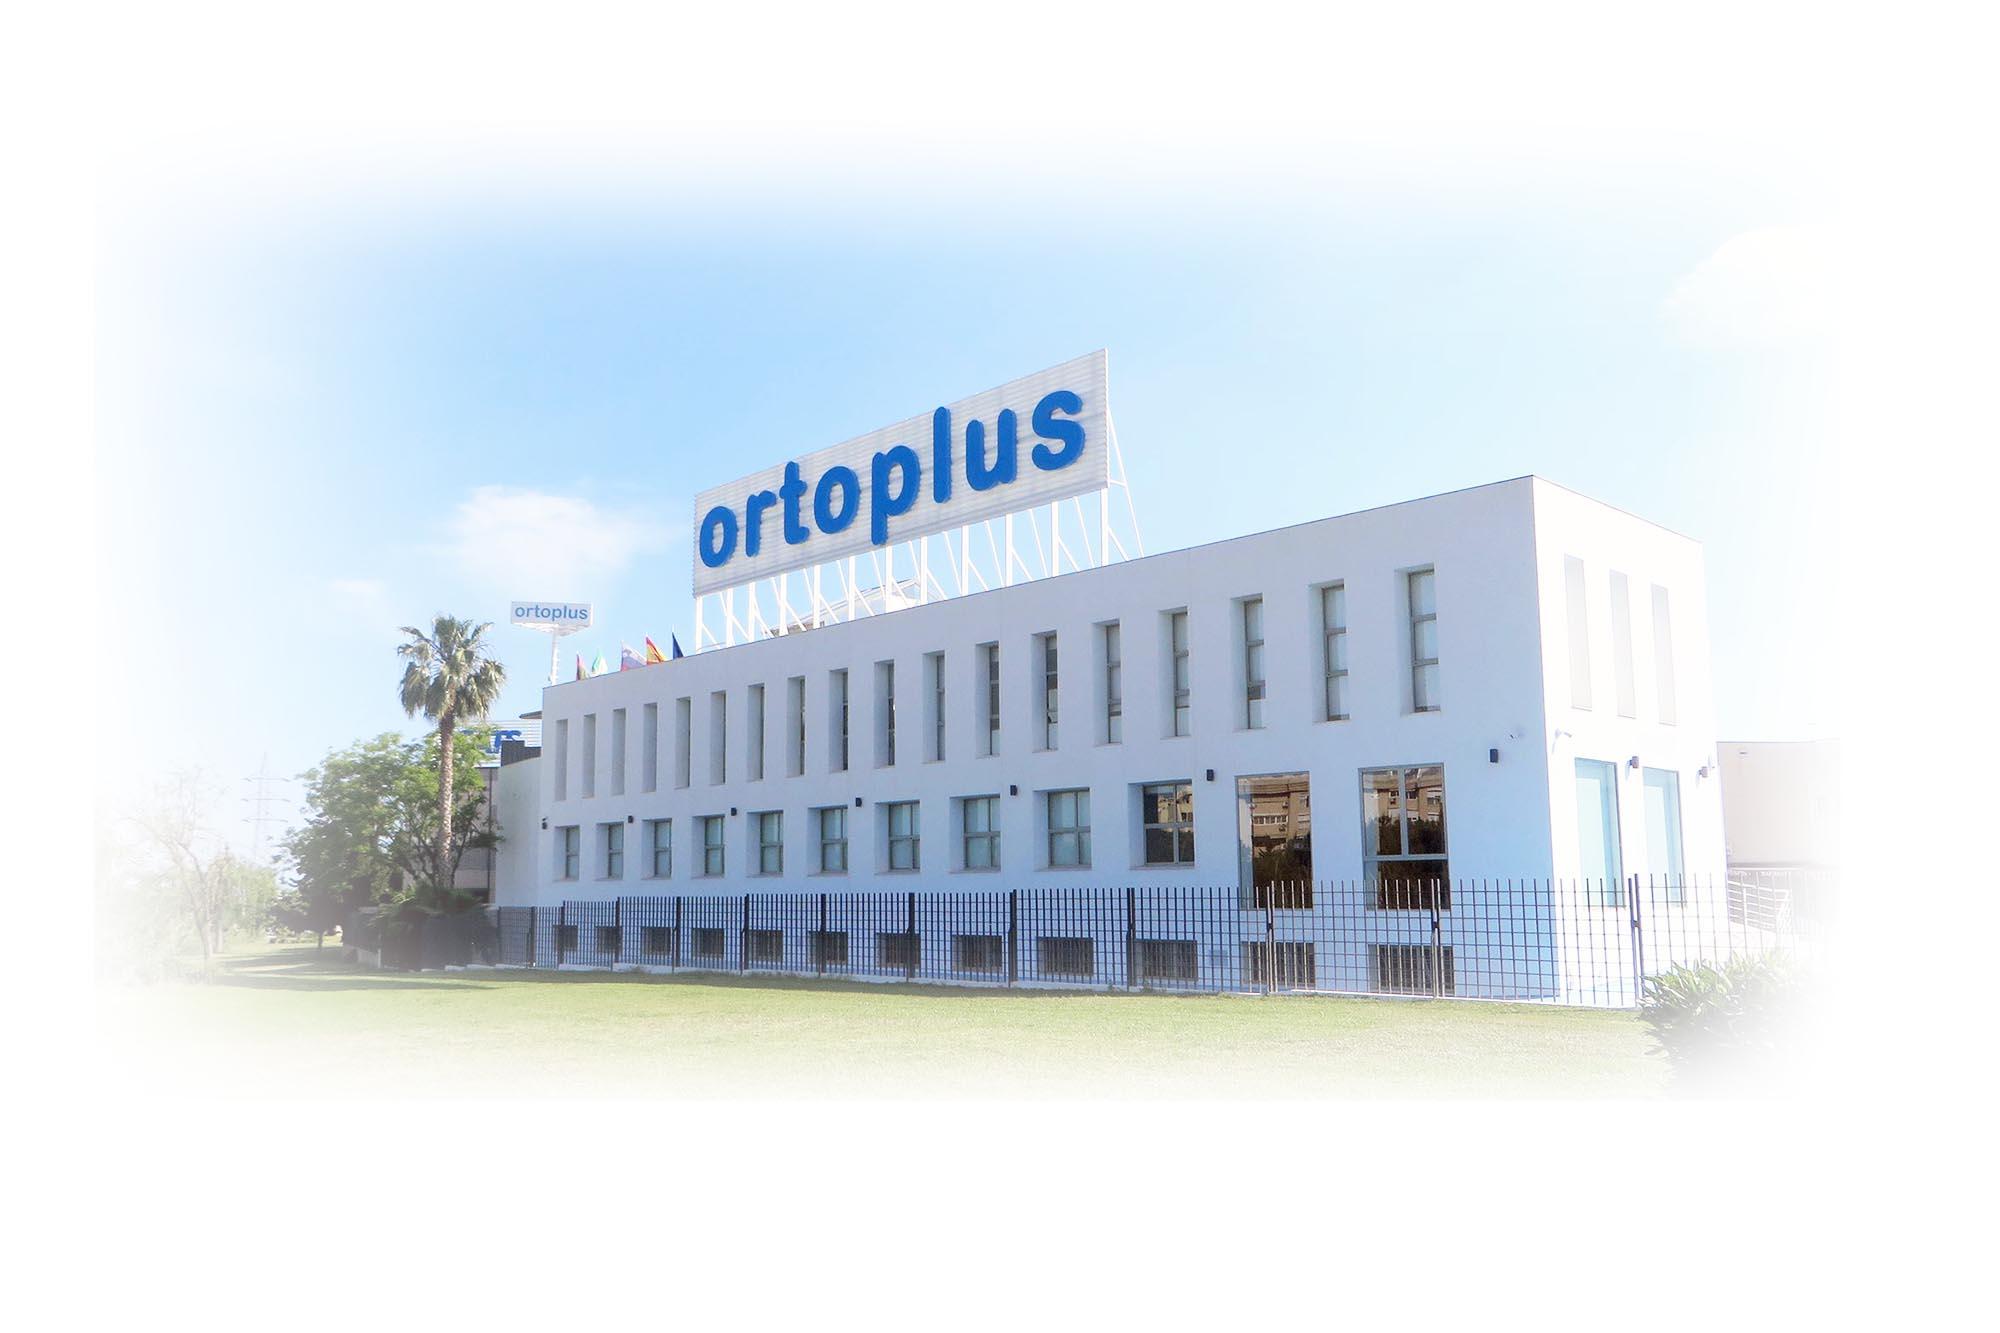 Laboratorio ortodoncia Ortoplus